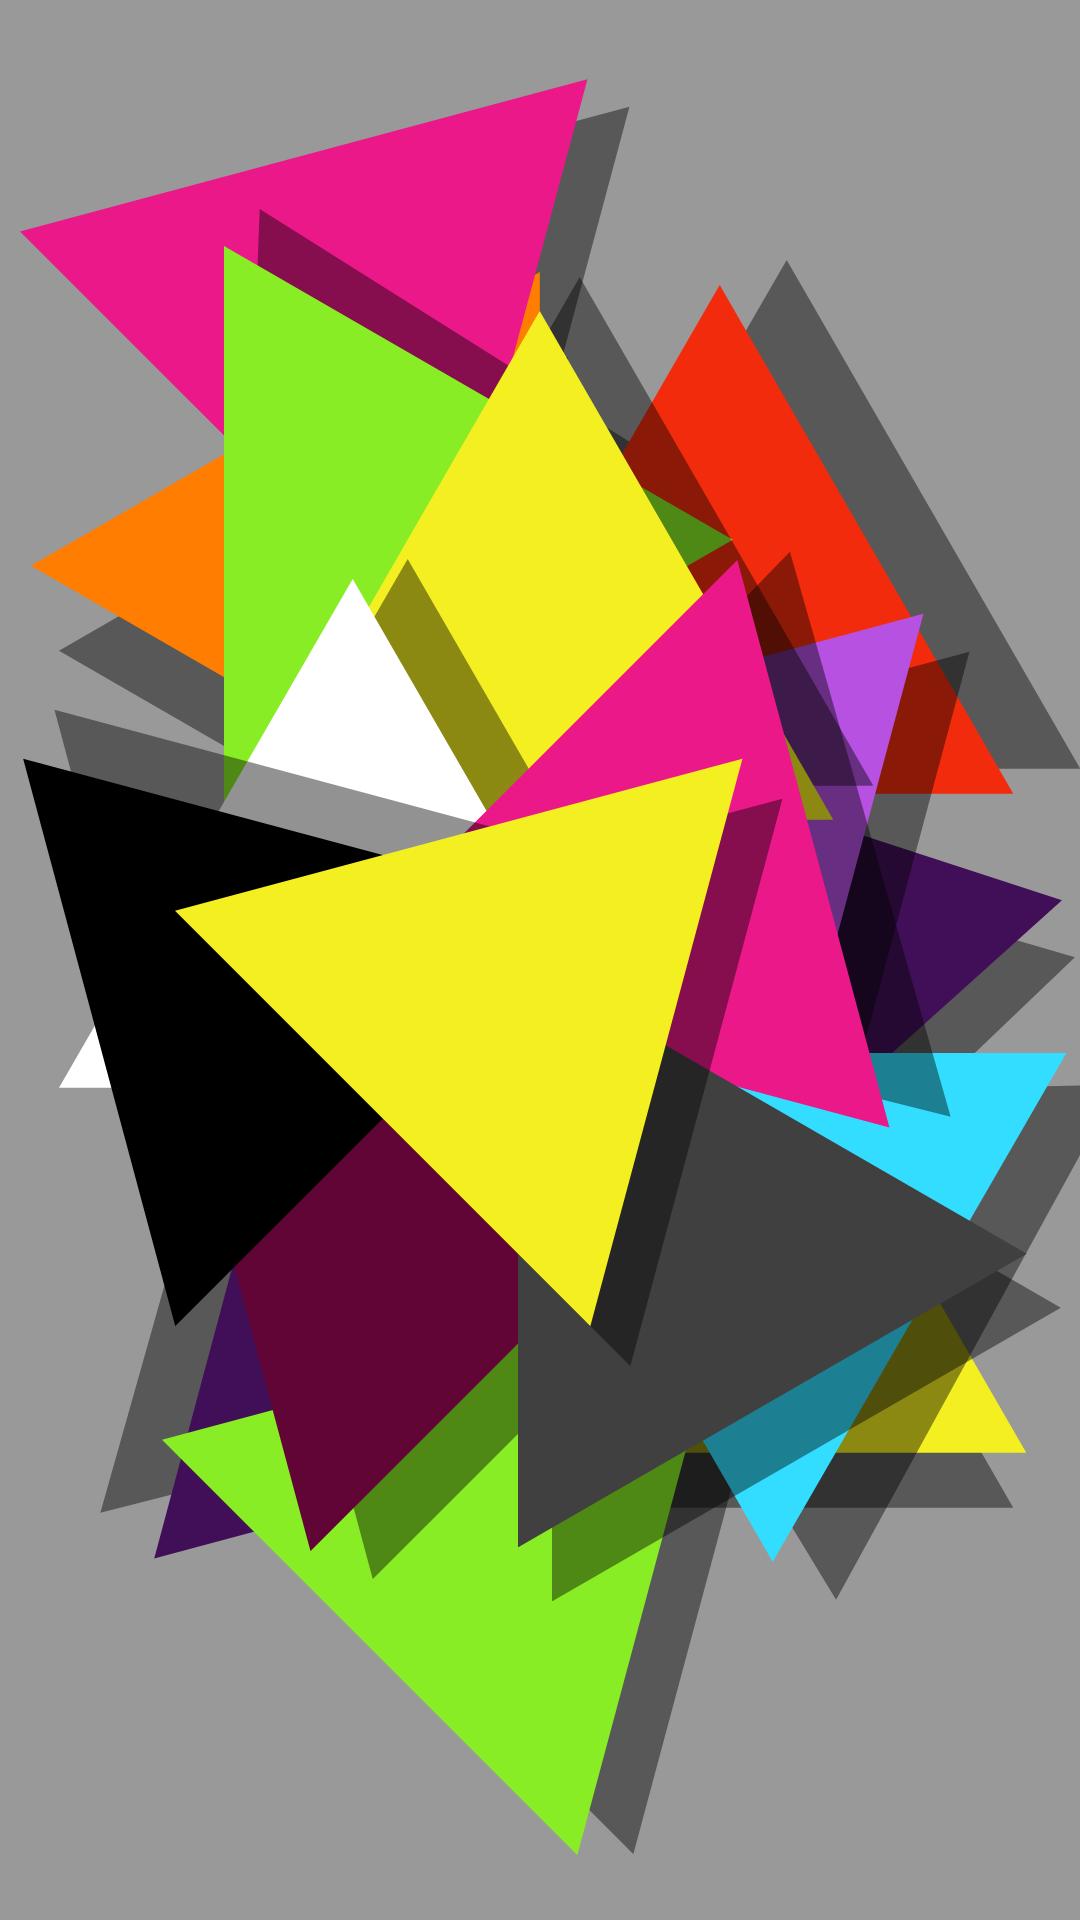 Art ID: 124184